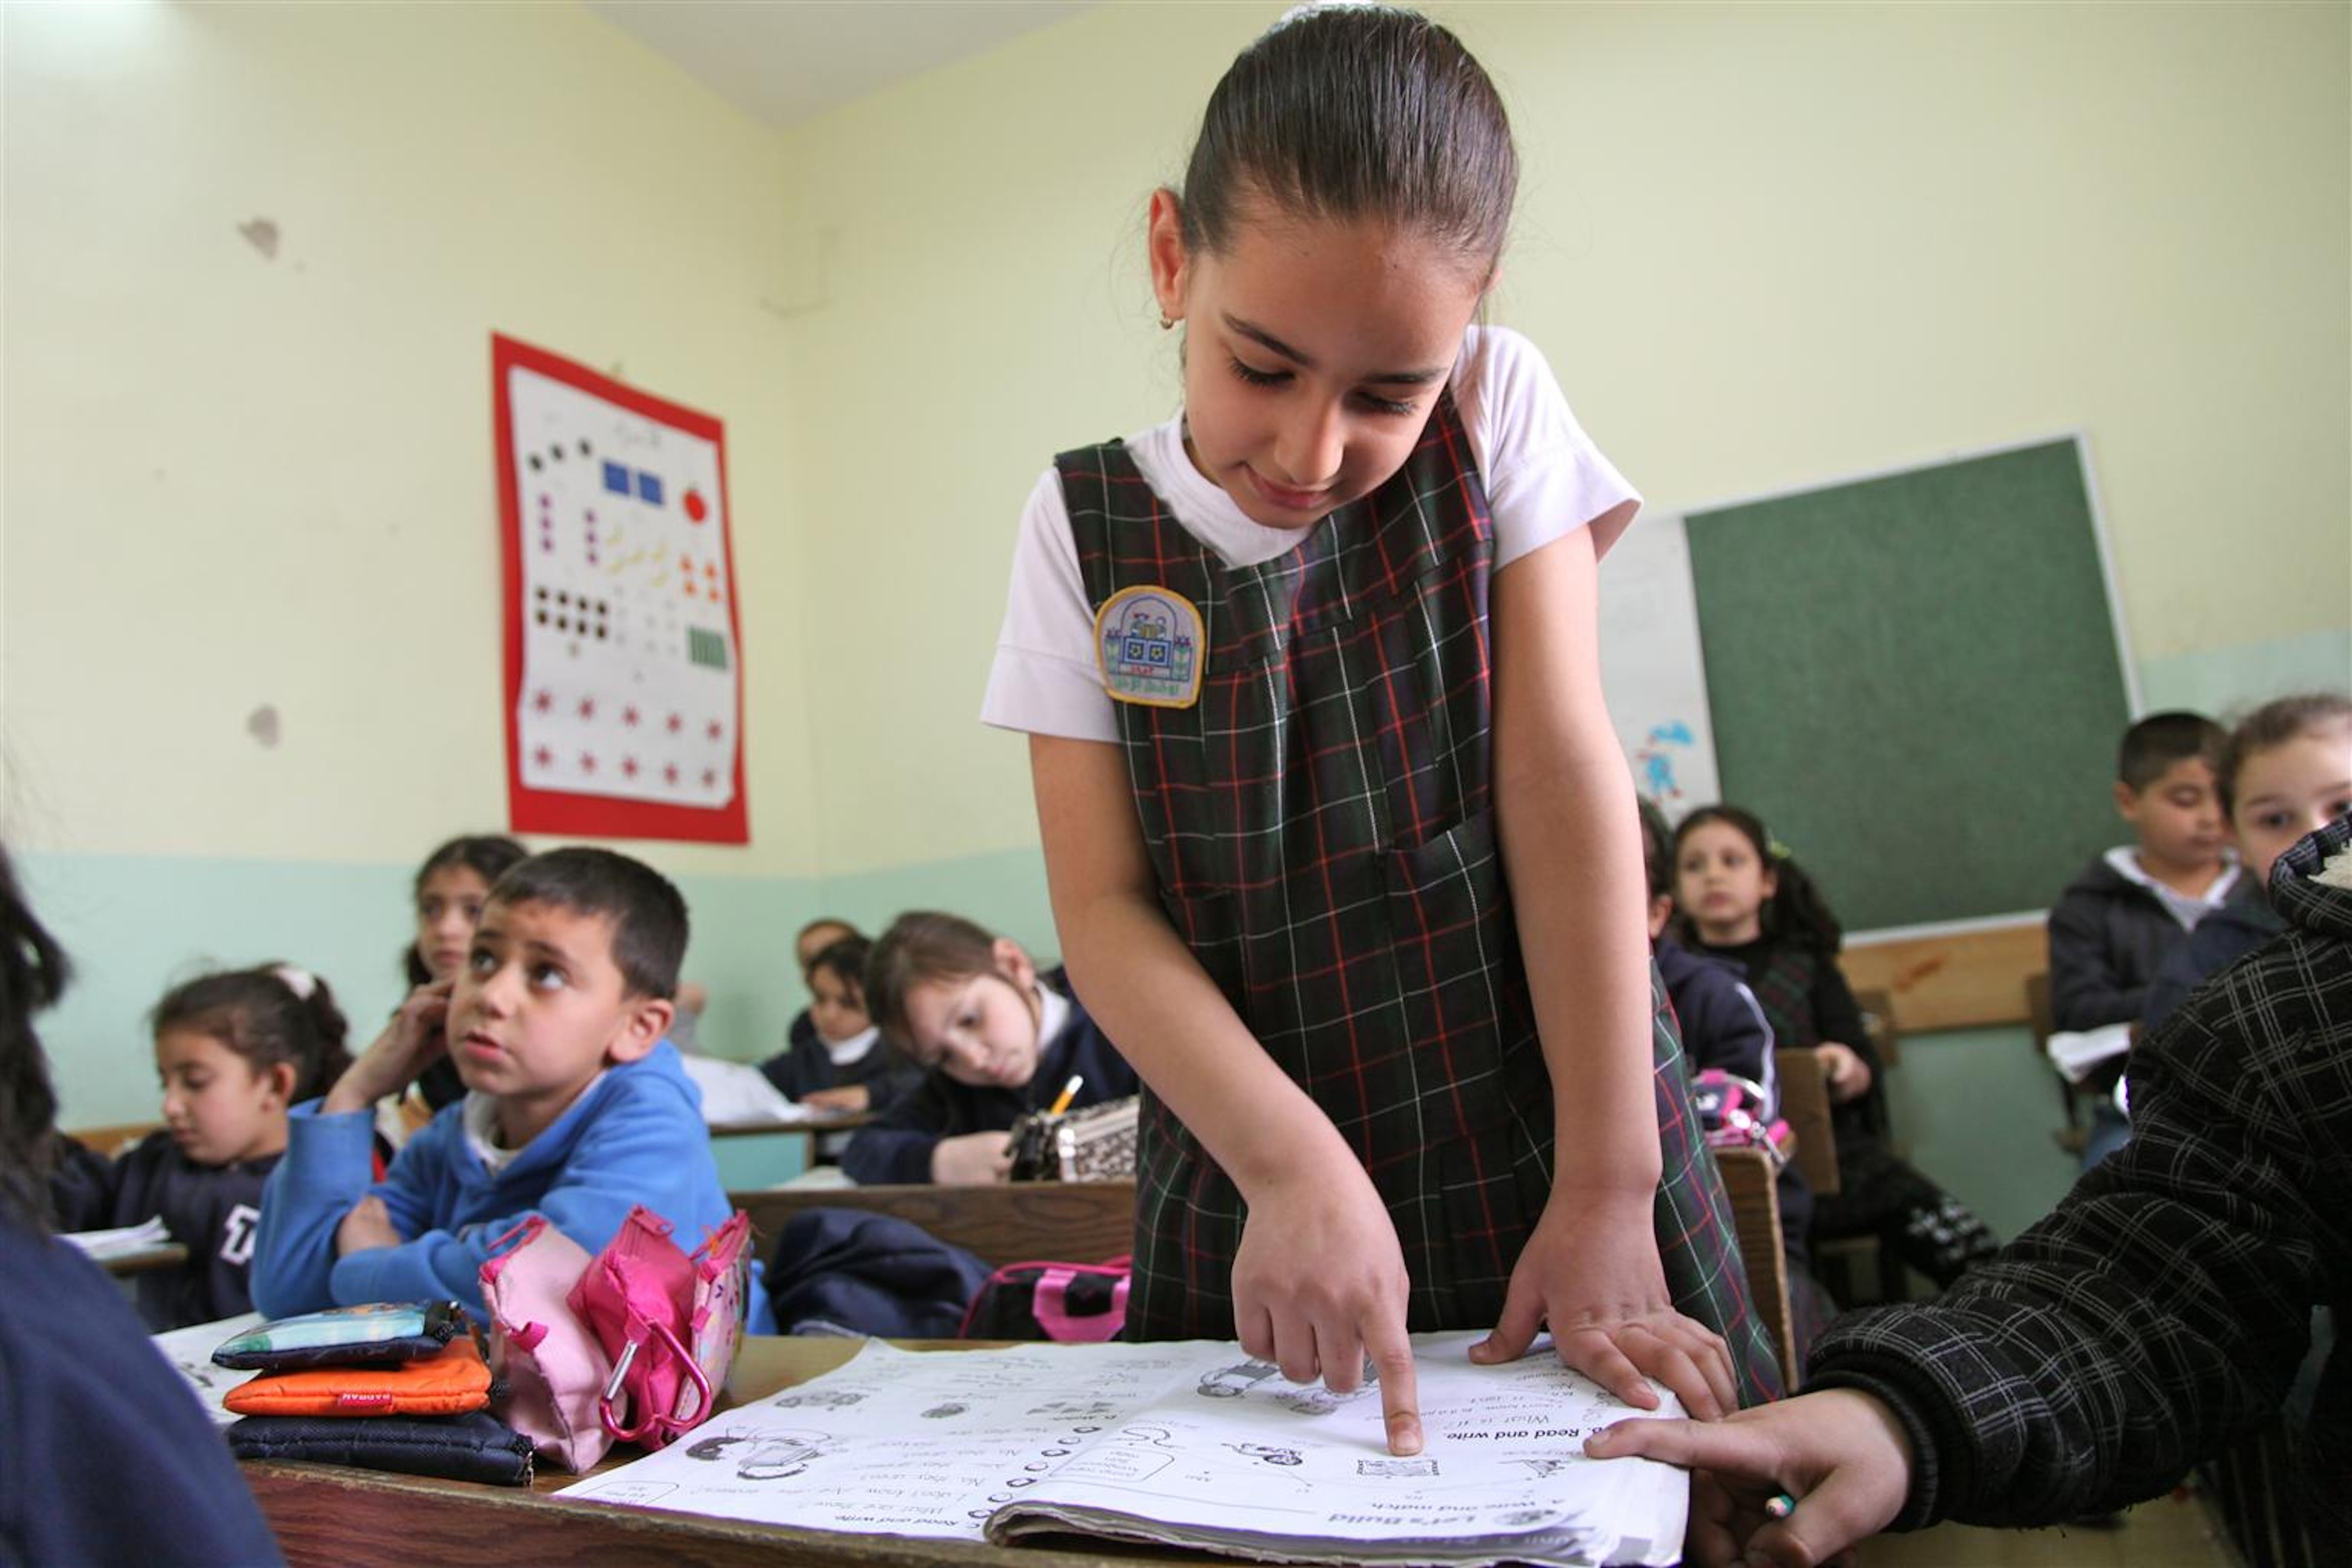 Una bambina palestinese durante una lezione. ©UNICEF/NYHQ2012-0314/Pirozzi